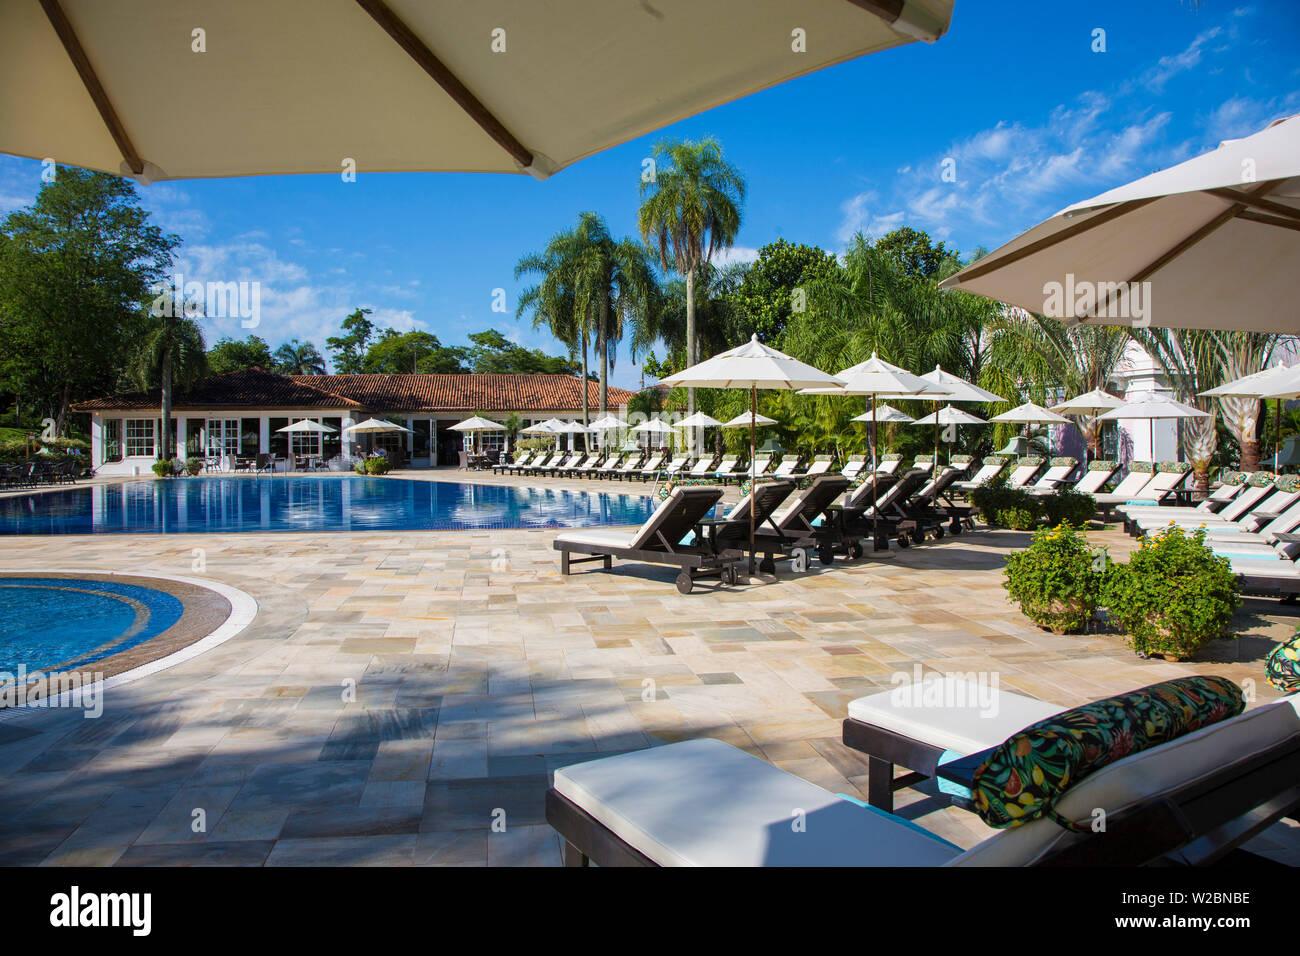 La piscine de l'établissement Belmond Hotel Das Cataratas, Iguacu Falls, État du Parana, Brésil Banque D'Images